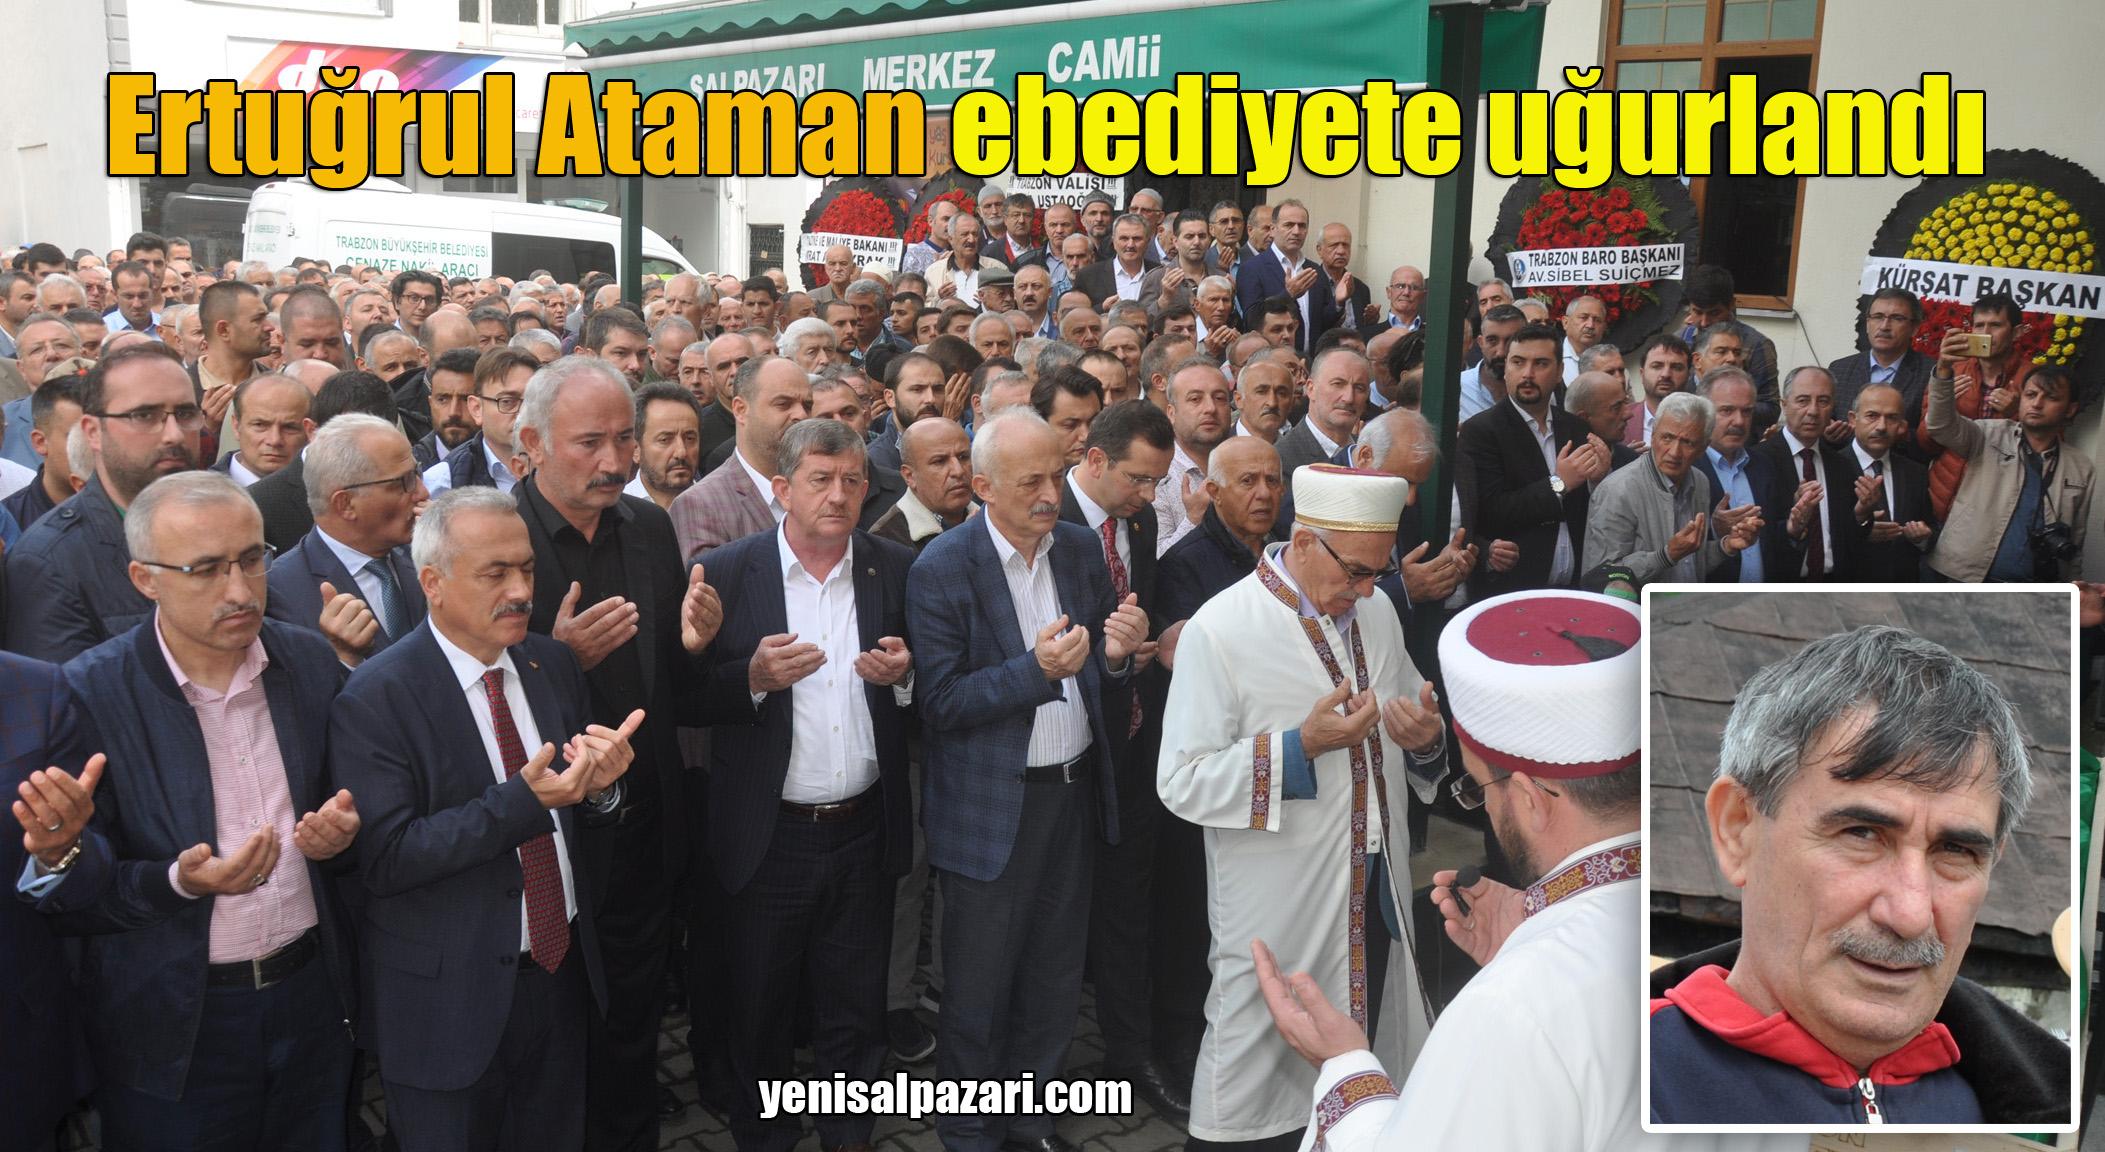 Ertuğrul Ataman'ın cenazesi Karakaya Mahallesi'nde toprağa verildi